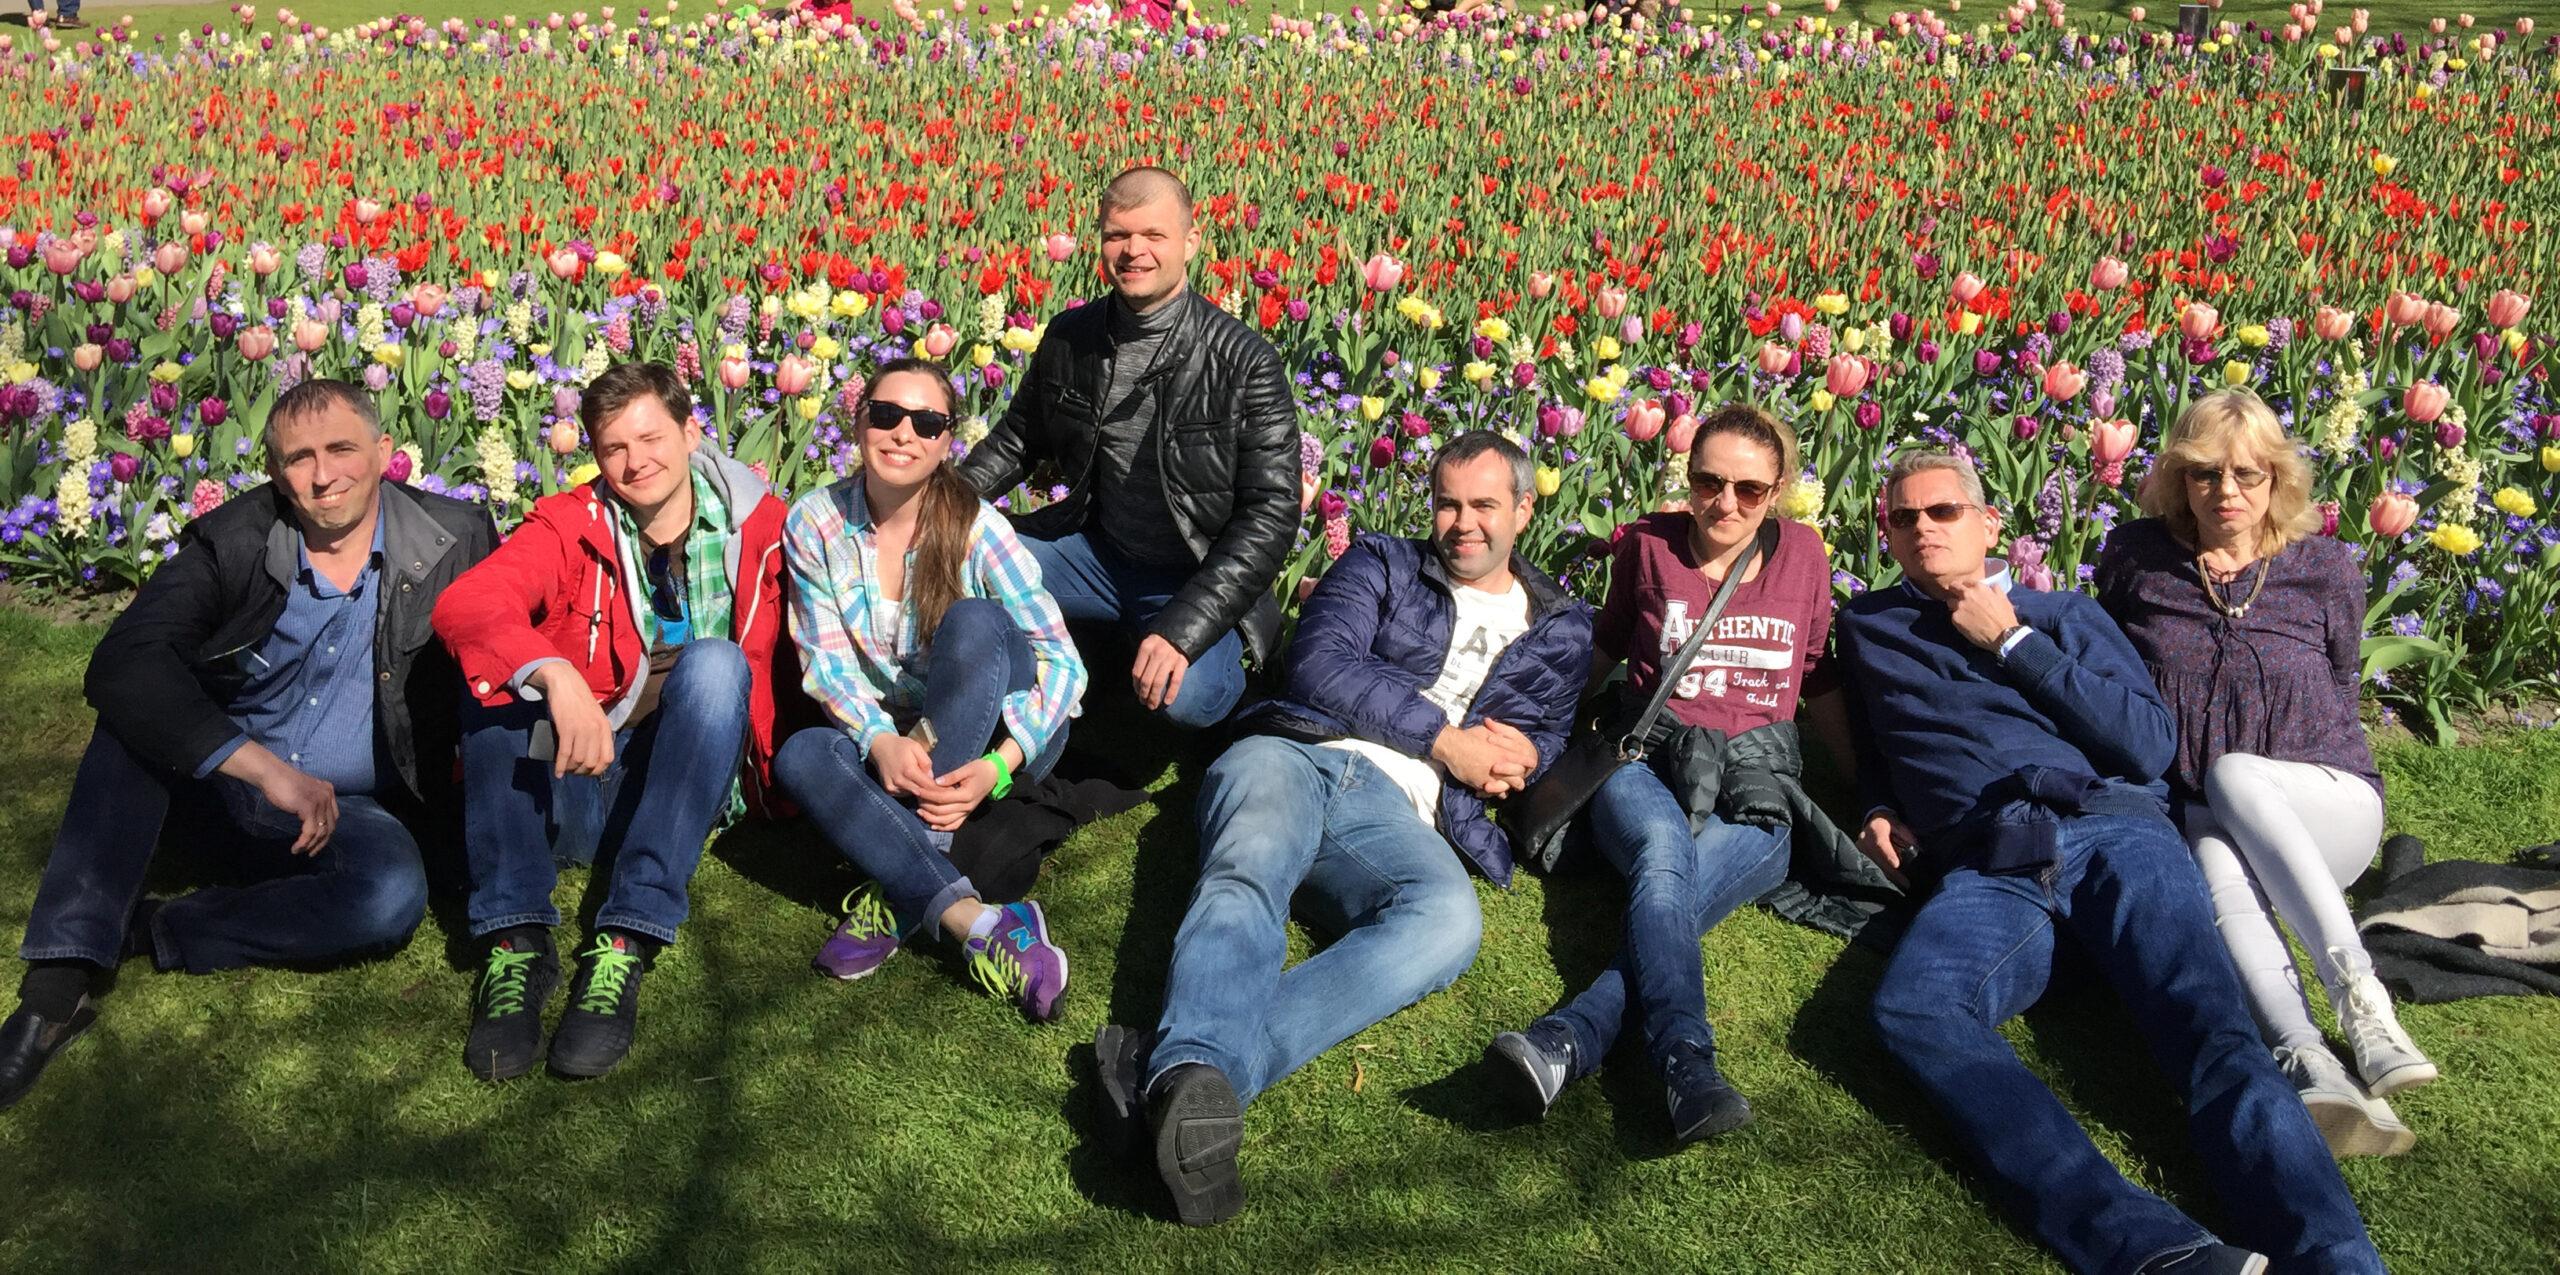 Группа украинских инженеров, гости DP Pumps, в королевском саду тюльпанов.